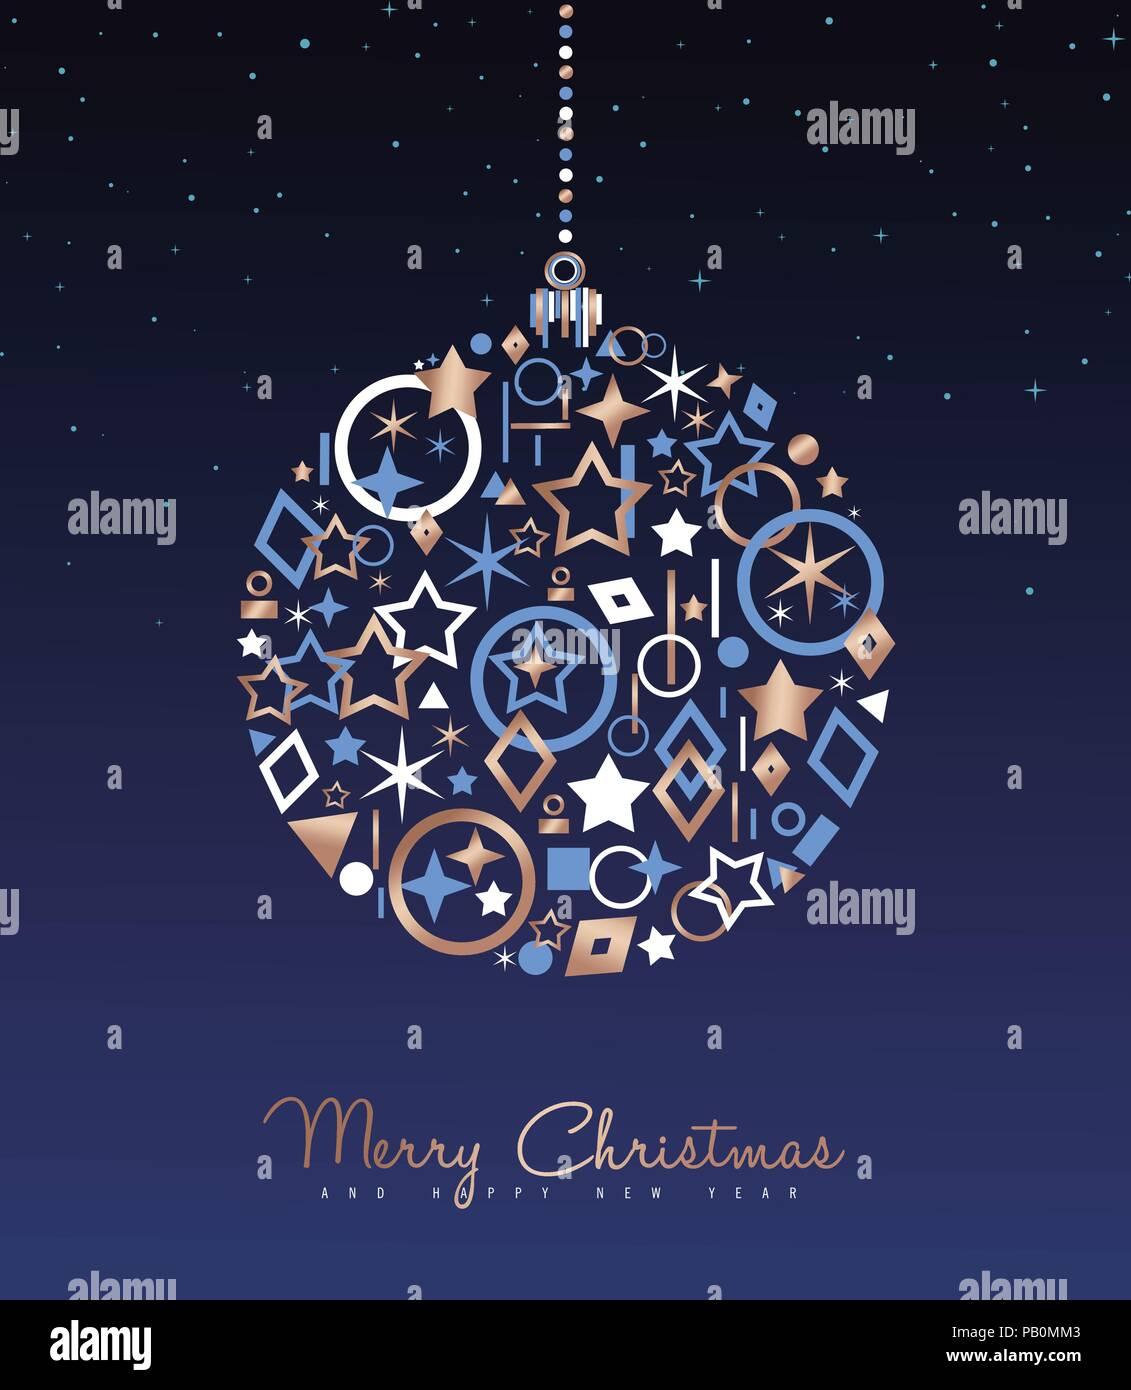 Auguri Di Buon Natale Eleganti.Auguri Di Buon Natale E Anno Nuovo Messaggio Di Saluto Di Lusso